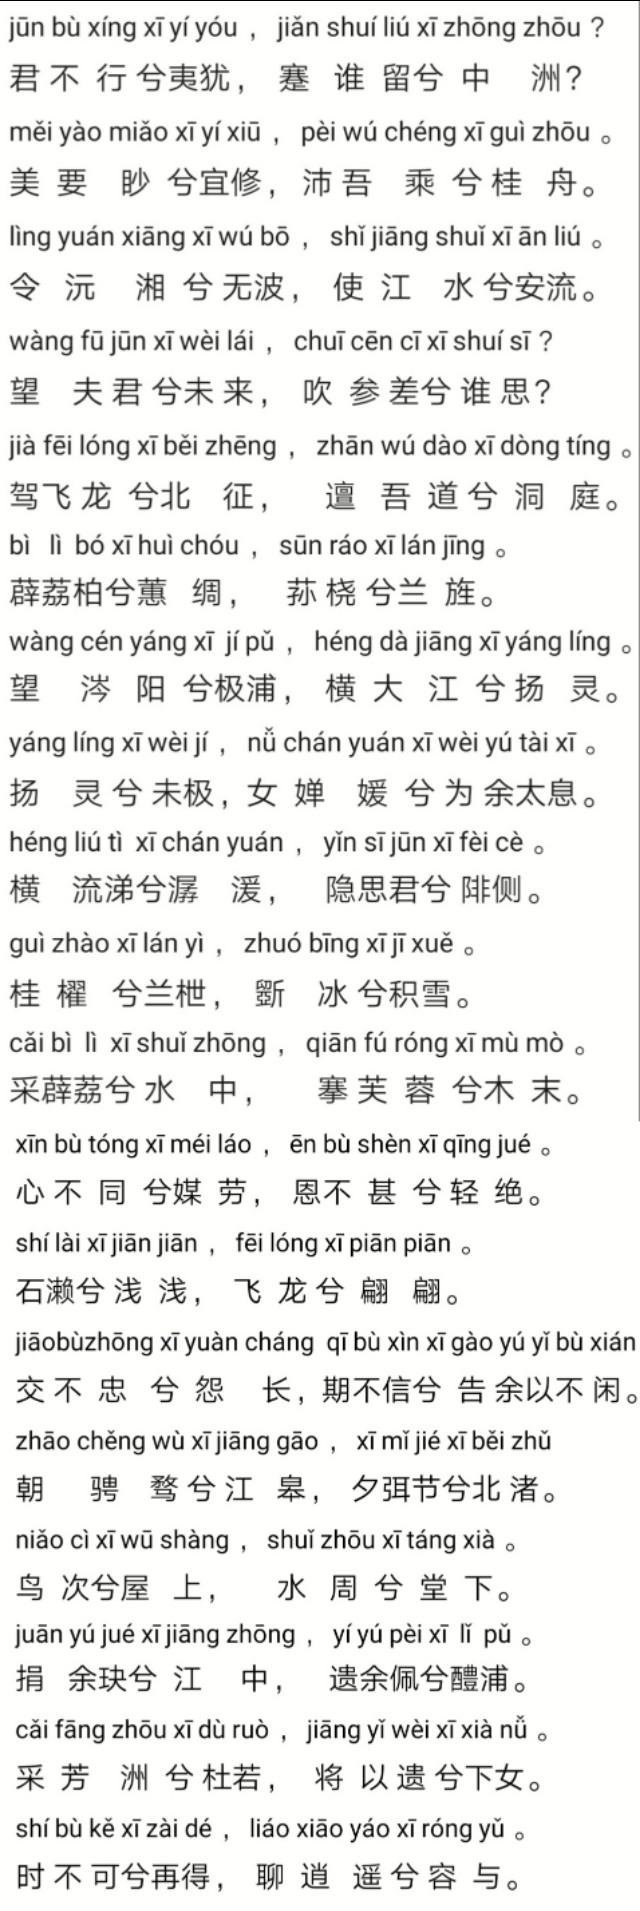 湘君原文及翻译注音-湘君原文及翻译注释